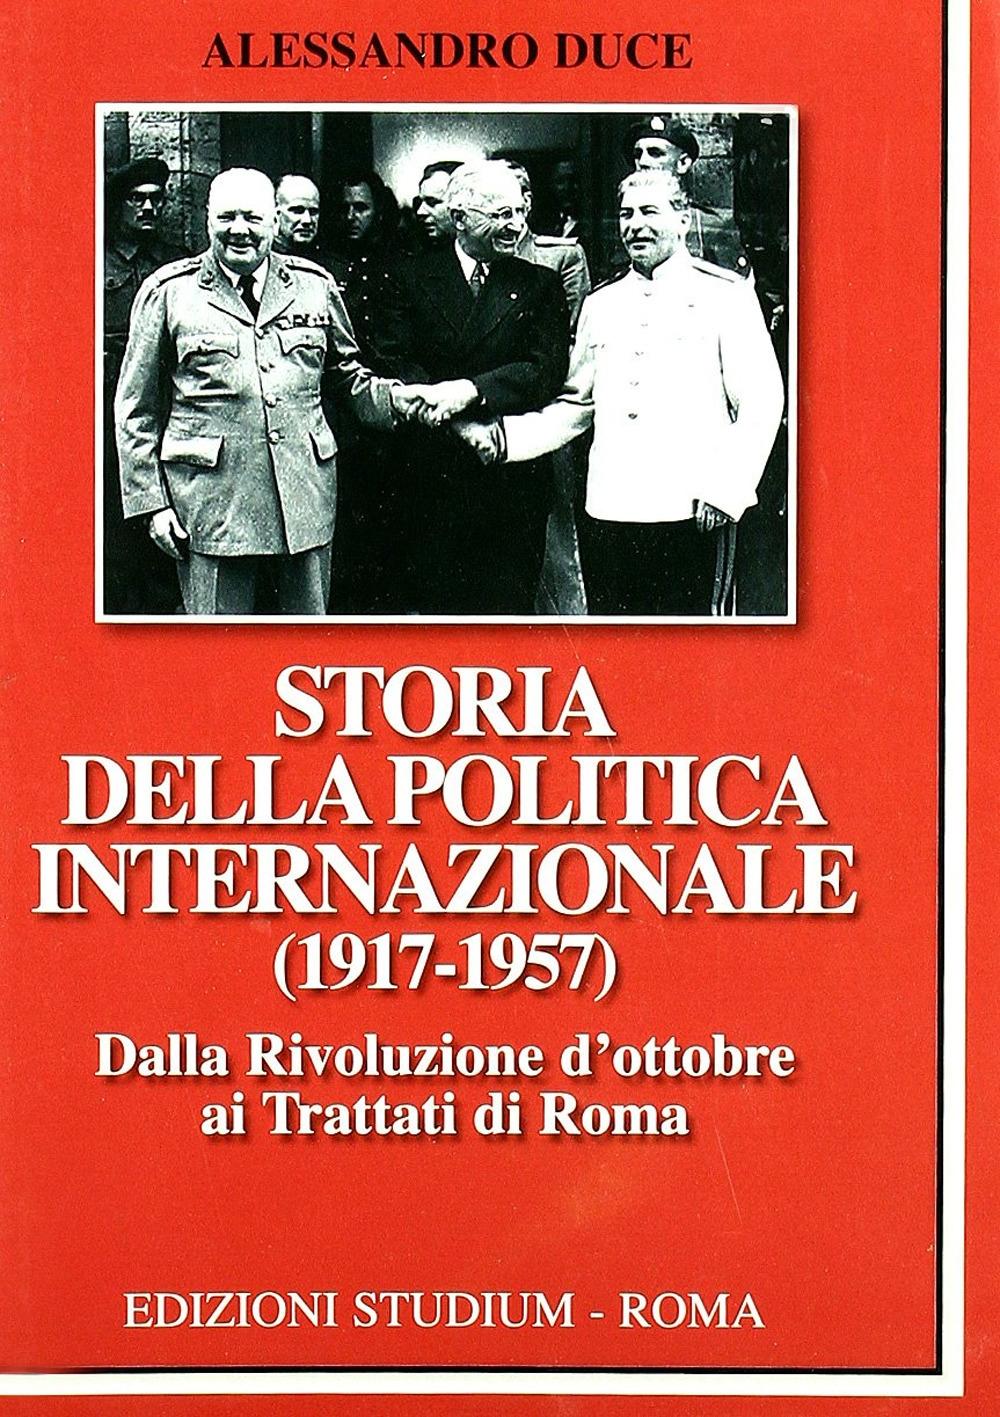 Storia della politica internazionale (1917-1957). Vol. 1: Dalla Rivoluzione d'ottobre ai Trattati di Roma